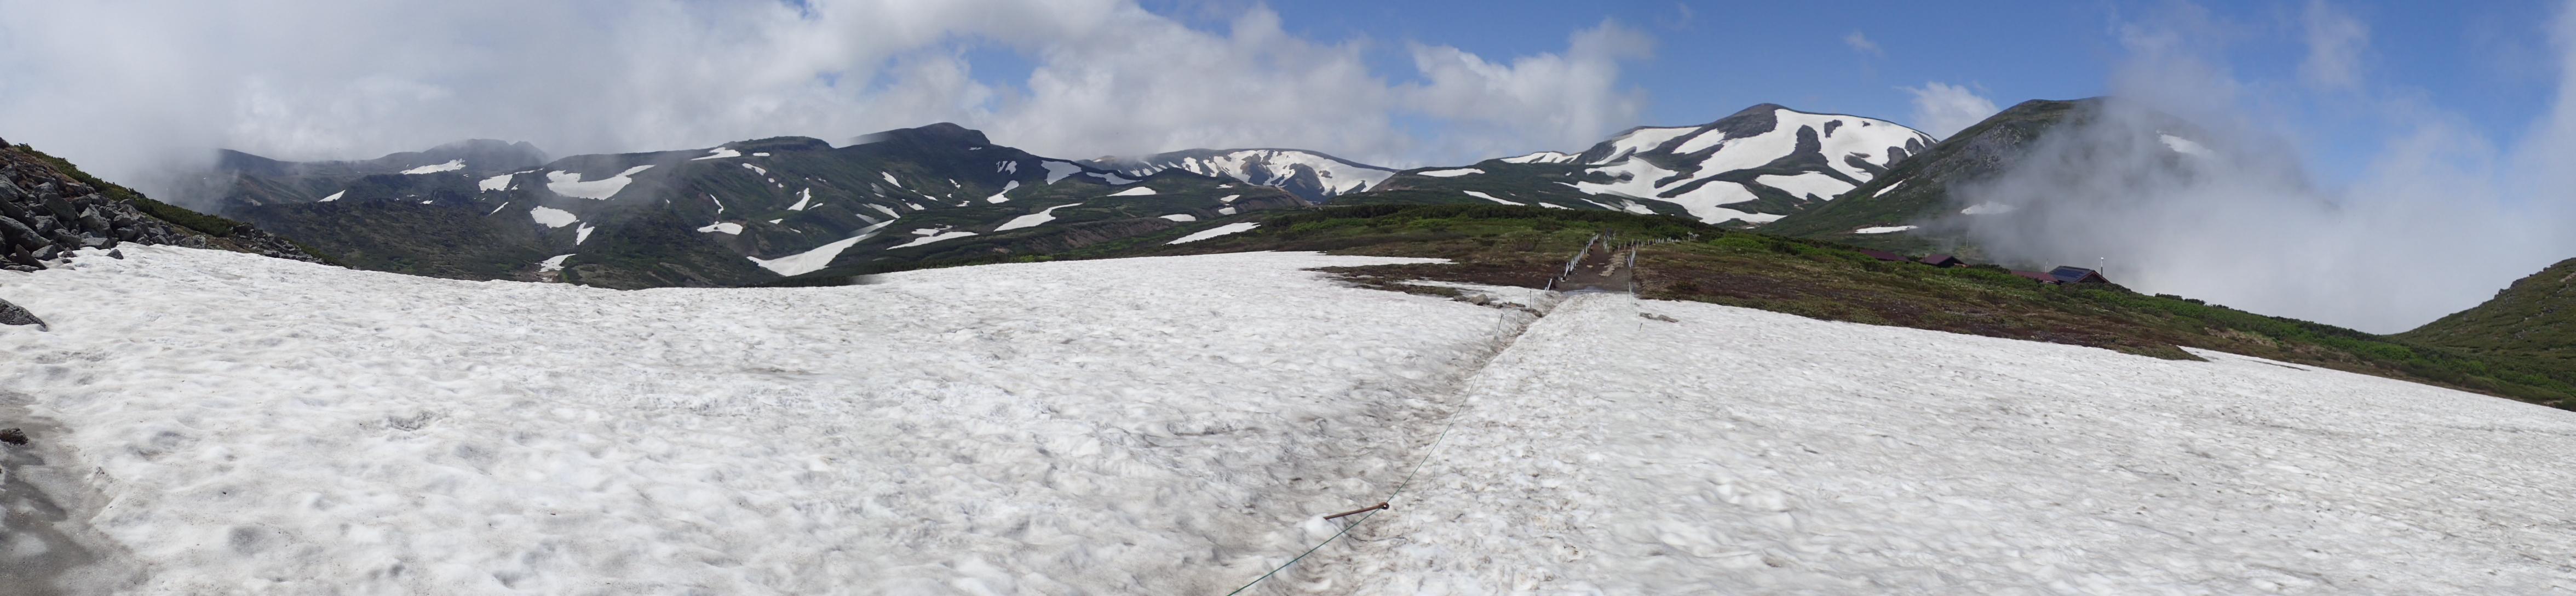 黒岳山頂から石室間の残雪と山並み